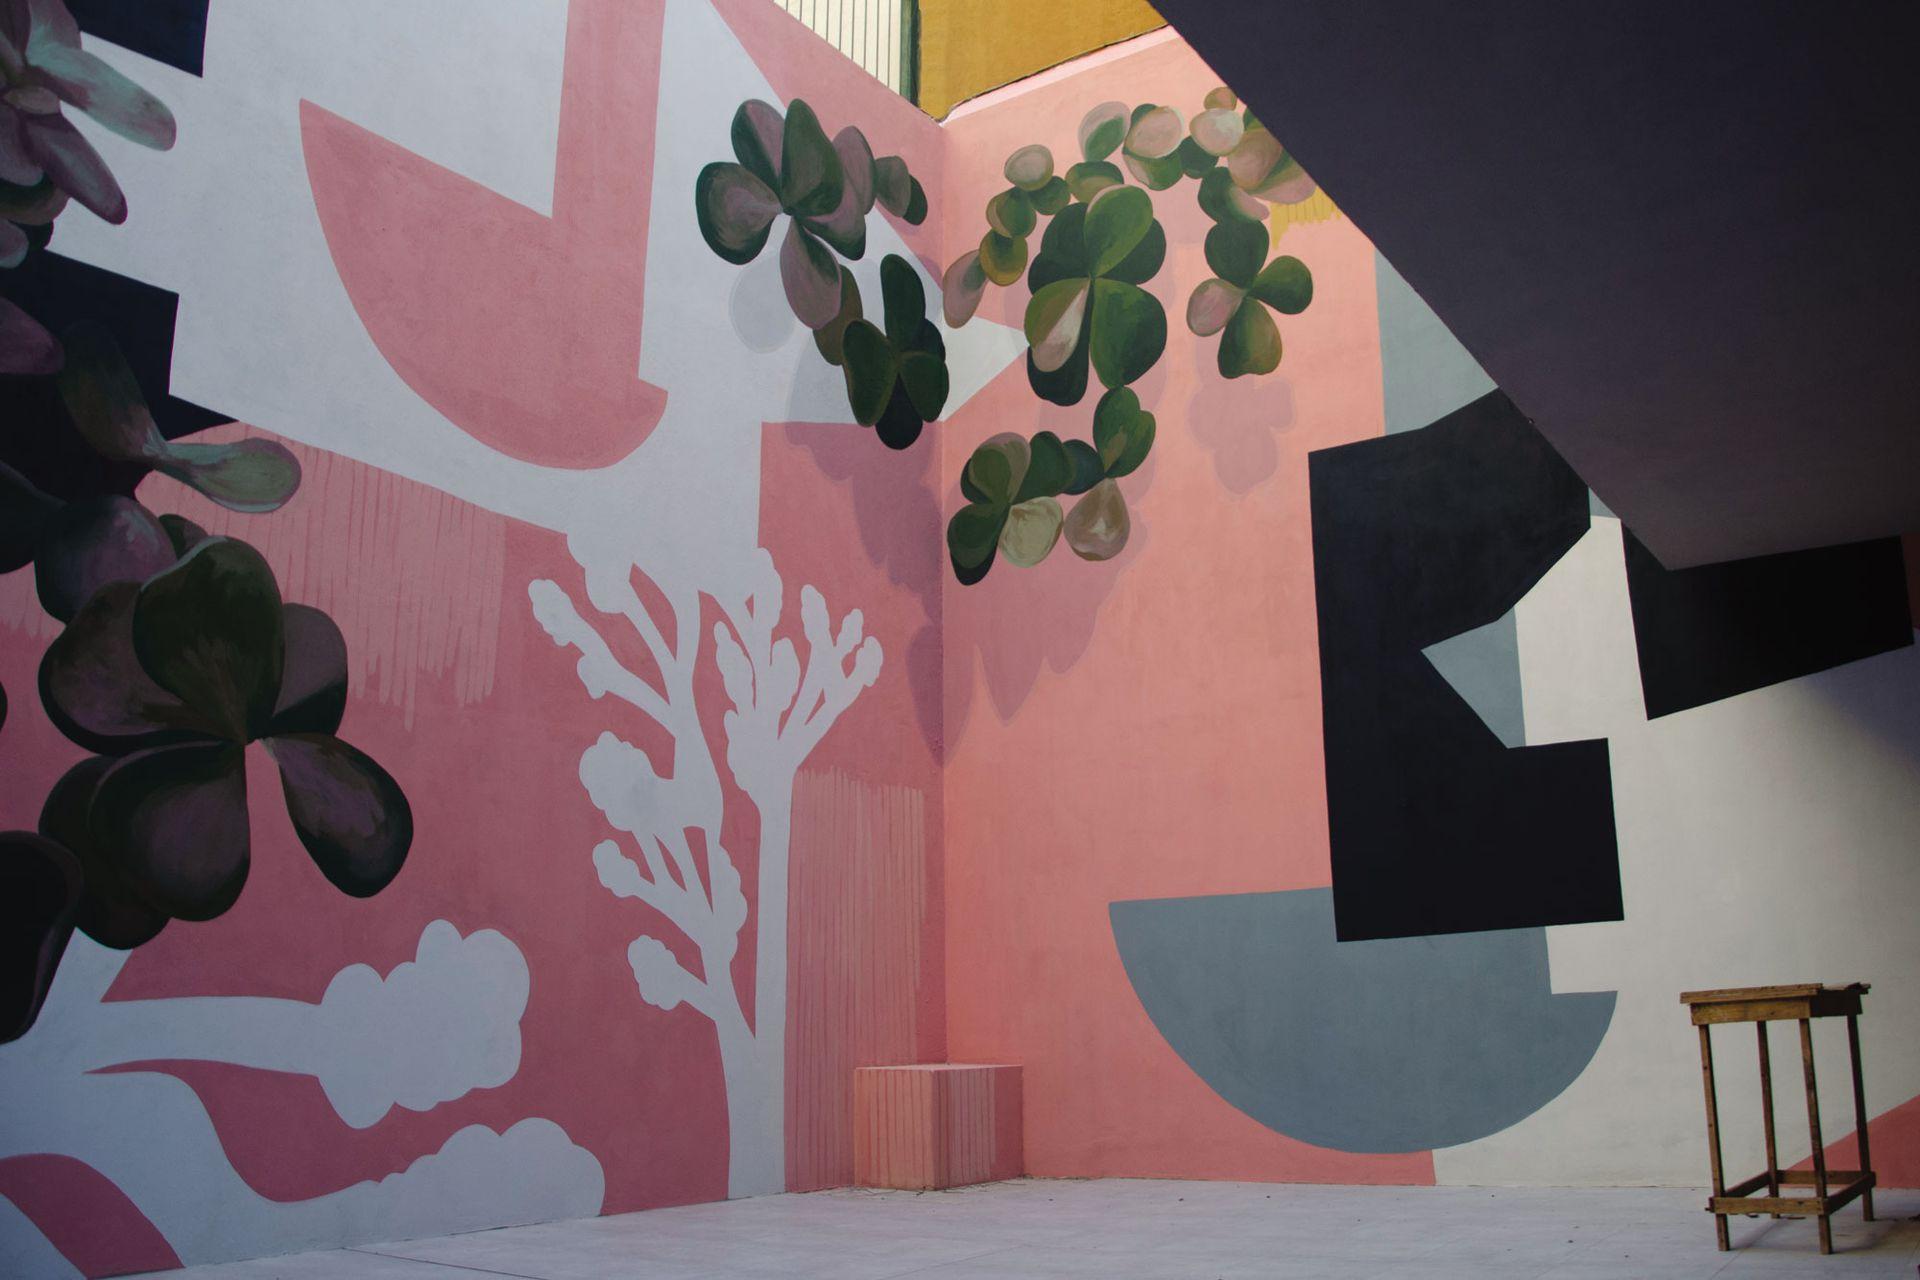 Siluetas abstractas y motivos botánicos figurativos se combinan en esta obra que realizó la artista Sofía Mele, en colaboración con Hernán Wave y Sisa Soldati. Los tonos pasteles con algo de presencia de negro dan sensación de mayor amplitud.